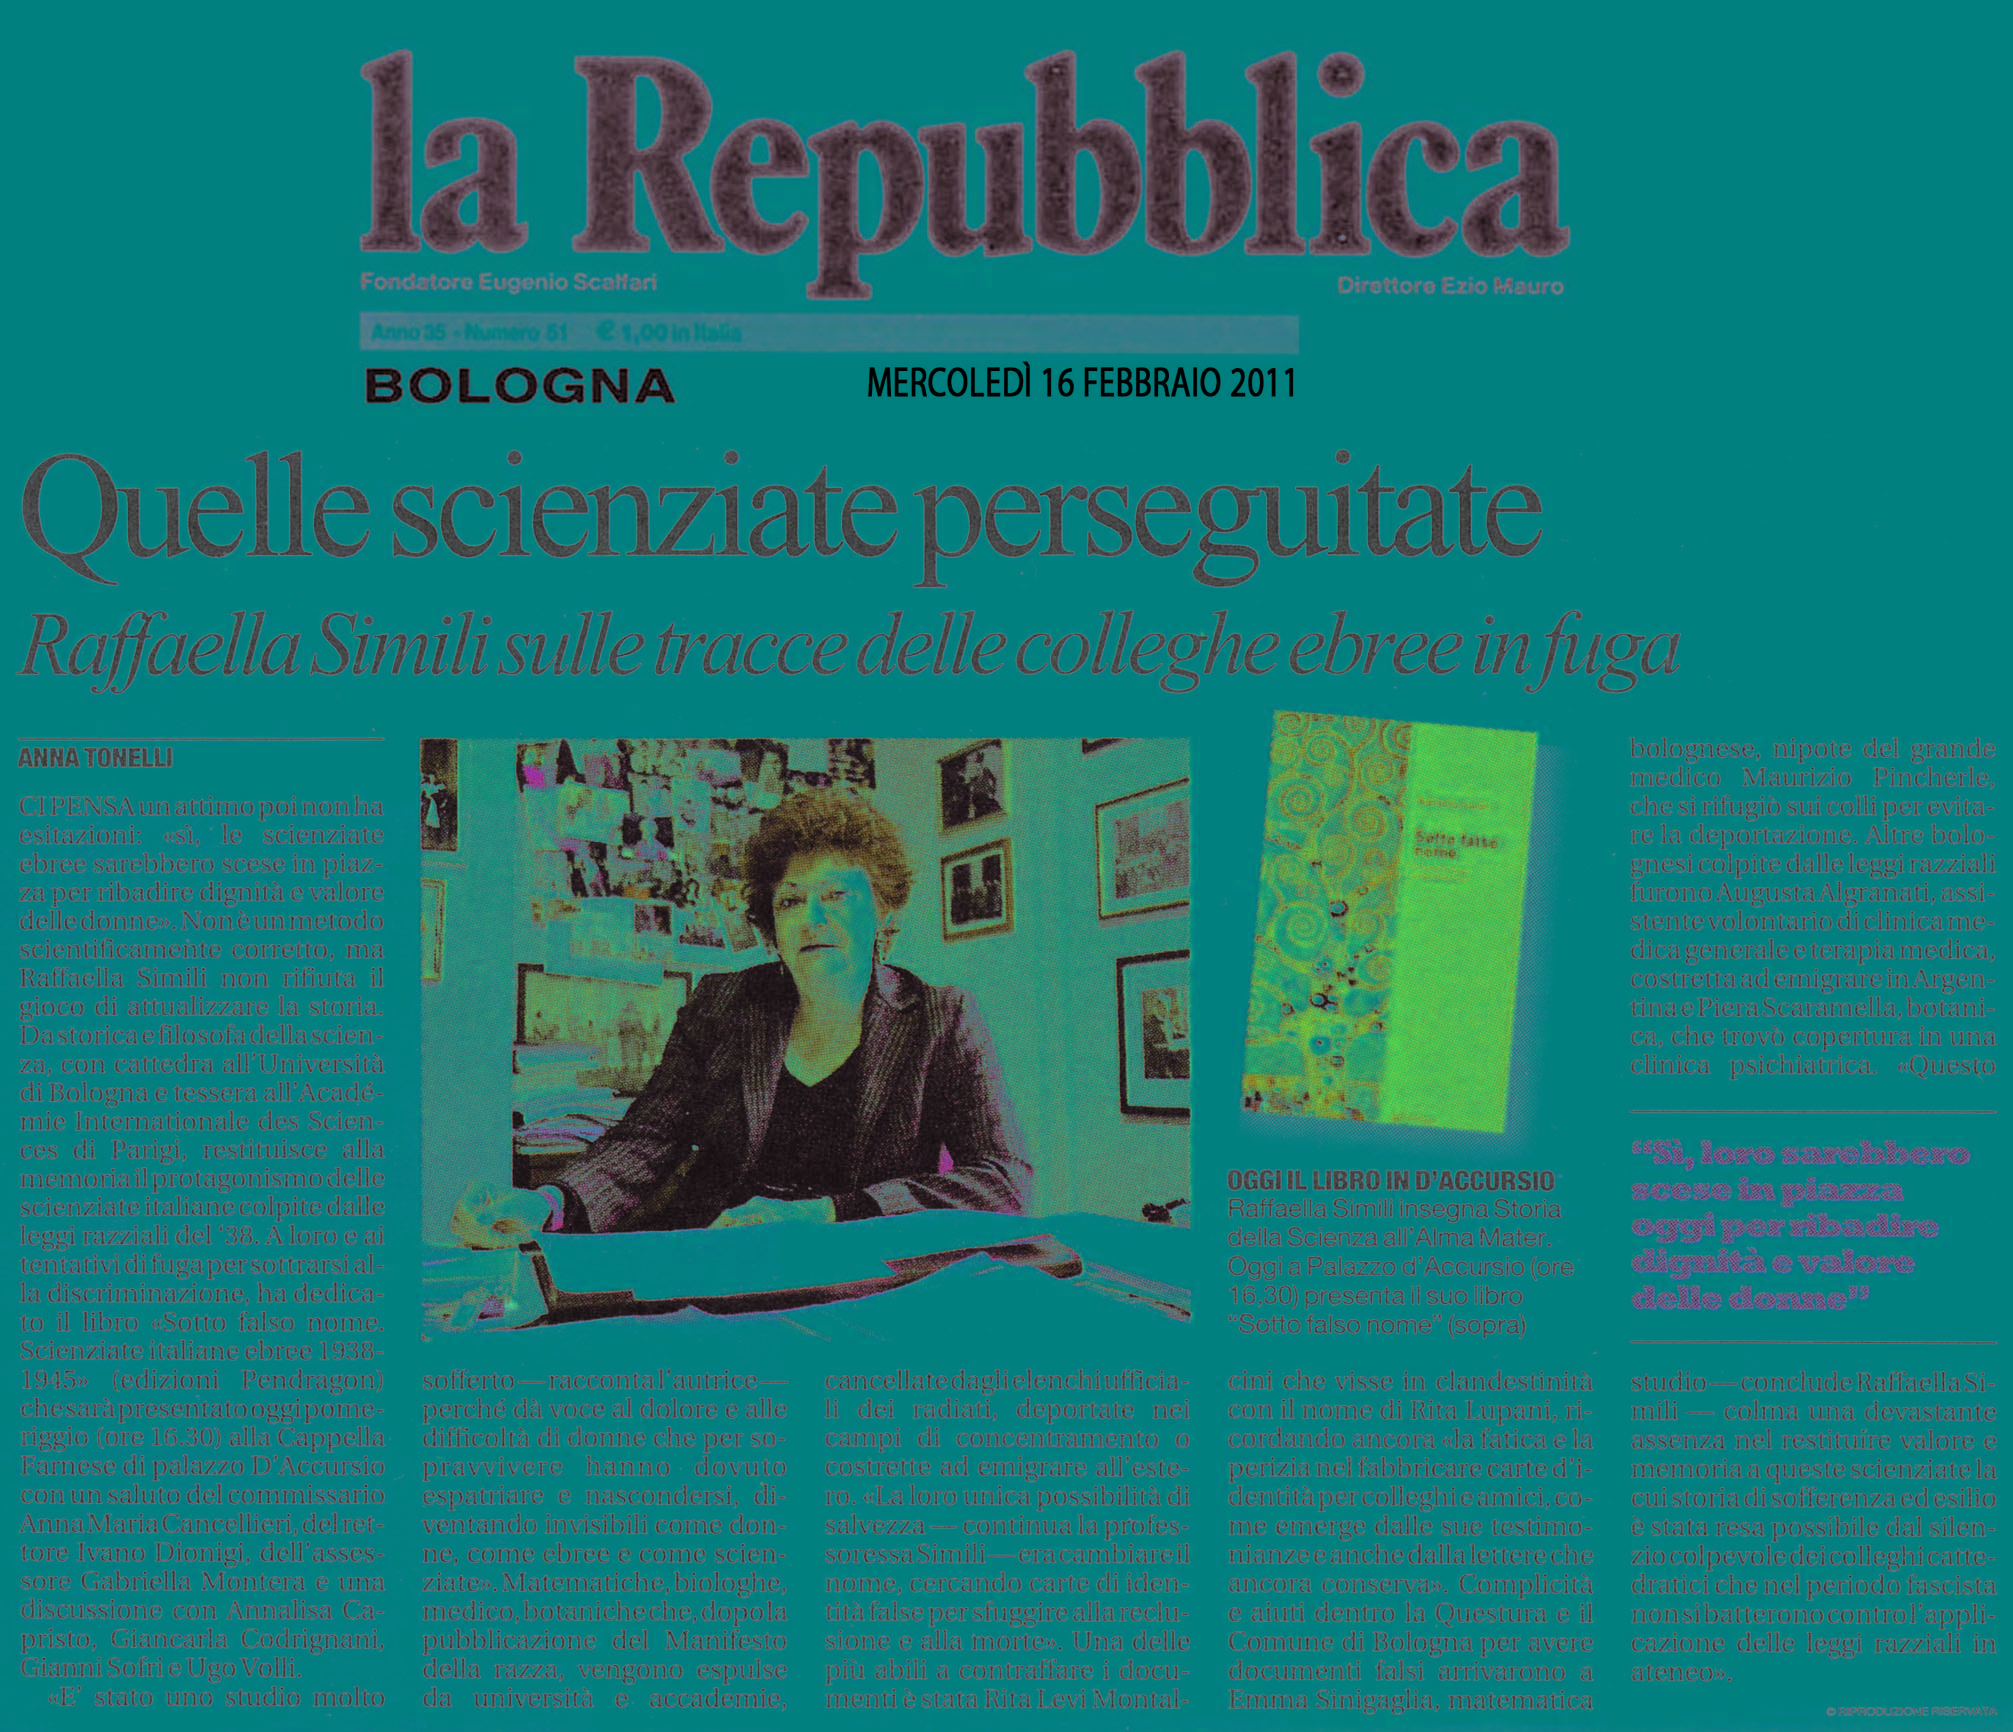 Bem informado google italia la repubblica bologna for Home page repubblica